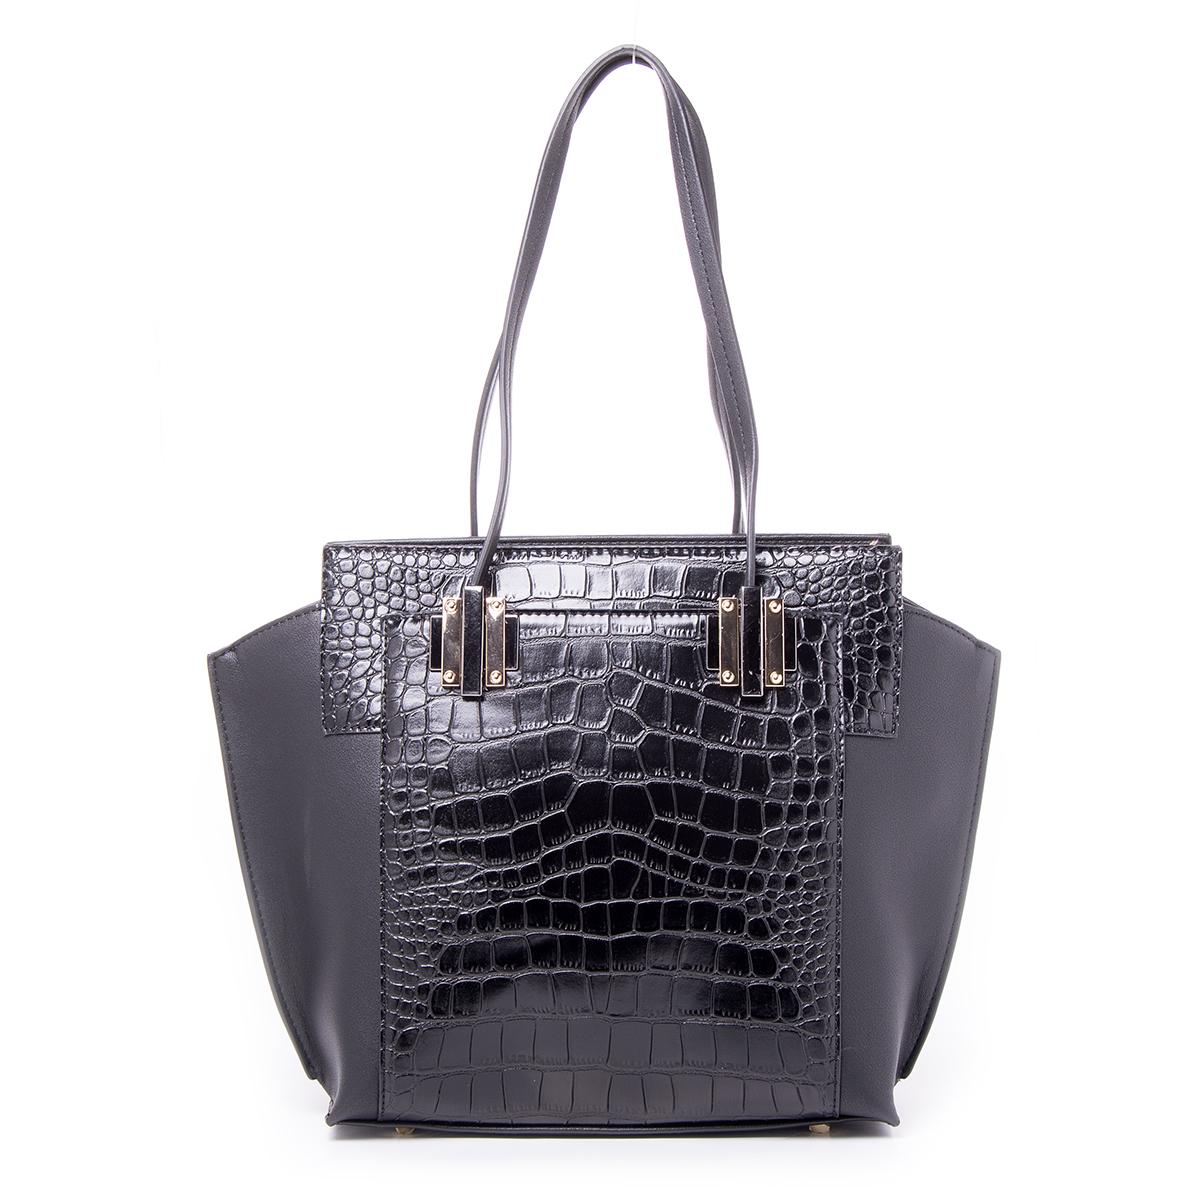 Сумка женская Renee Kler, цвет: черный. RF028-0123008Стильная женская сумка Renee Kler выполнена из качественной искусственной кожи. Поверхность сумки выполнена с декоративным тиснением.Сумка имеет одно отделение и застегивается на молнию. Внутри отделения находятся два накладных кармана и один врезной карман на застежке-молнии. С двух сторон сумка дополнена большими накладными карманами на магнитных кнопках. Сумка оснащена двумя удобными ручками на металлической фурнитуре.